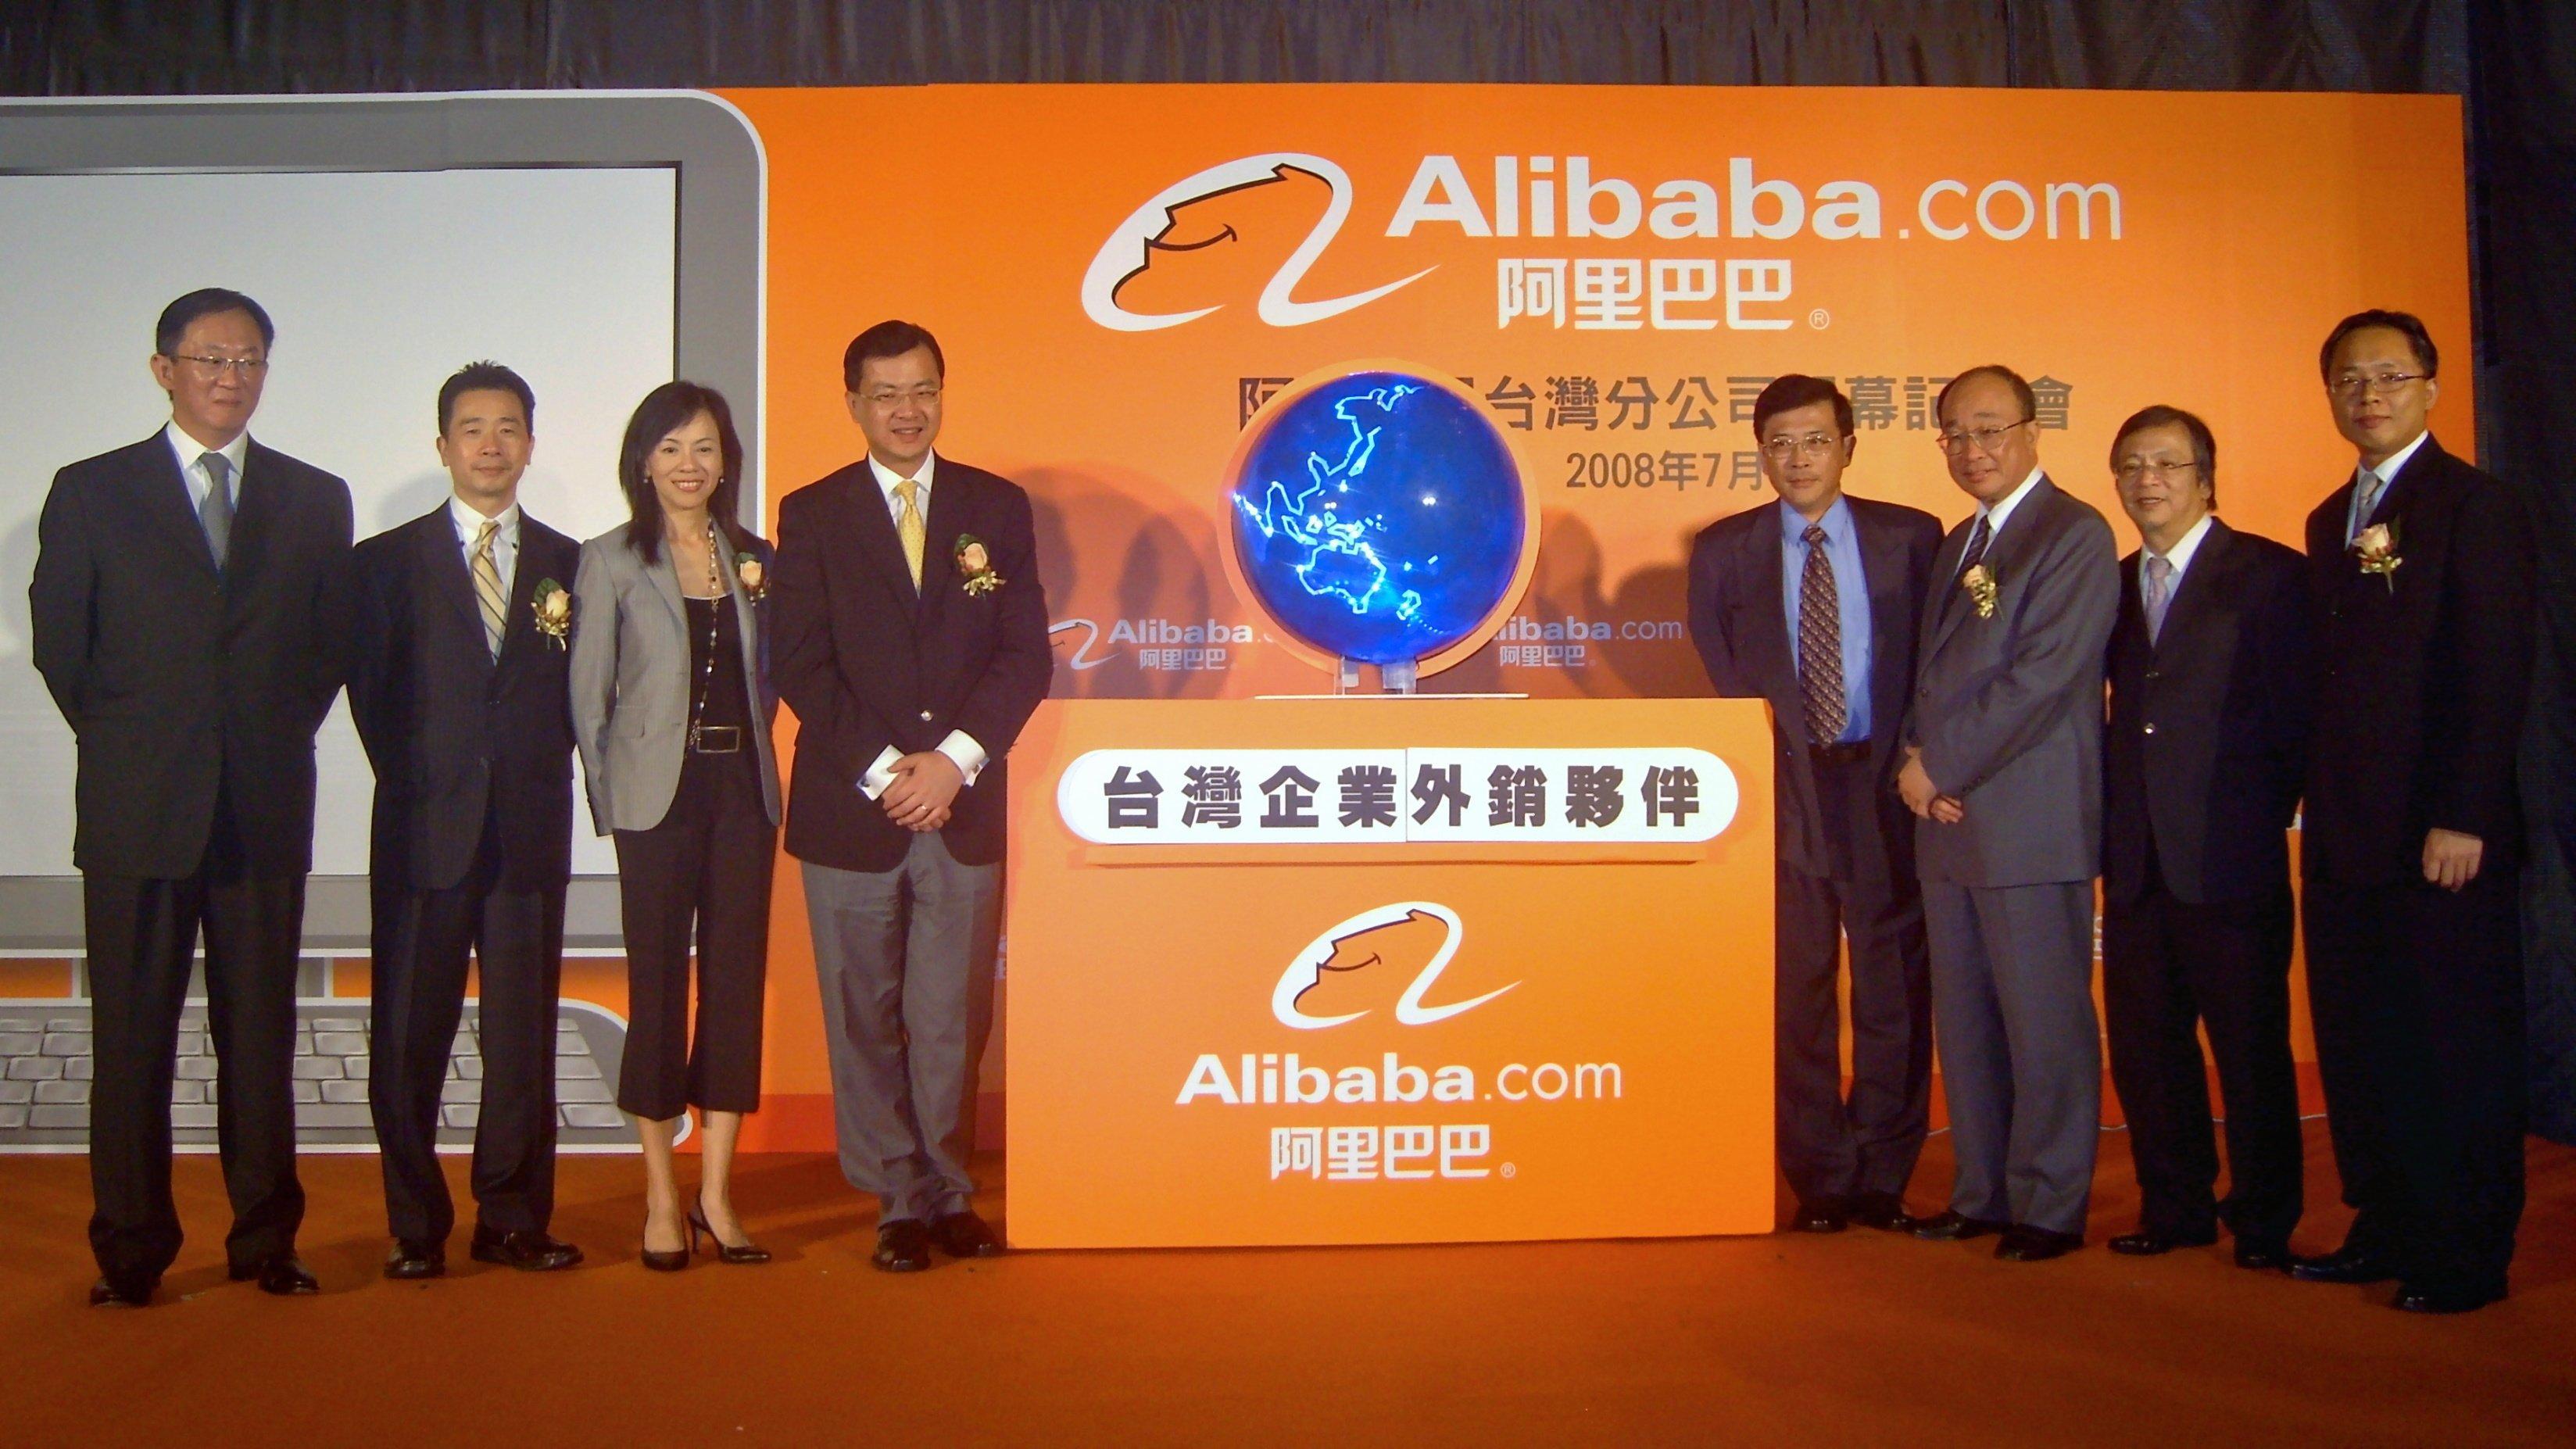 阿里巴巴1688com批发网是全球企业间B2B电子商务的著名品牌为数千万网商提供海量商机信息和便捷安全的在线交易